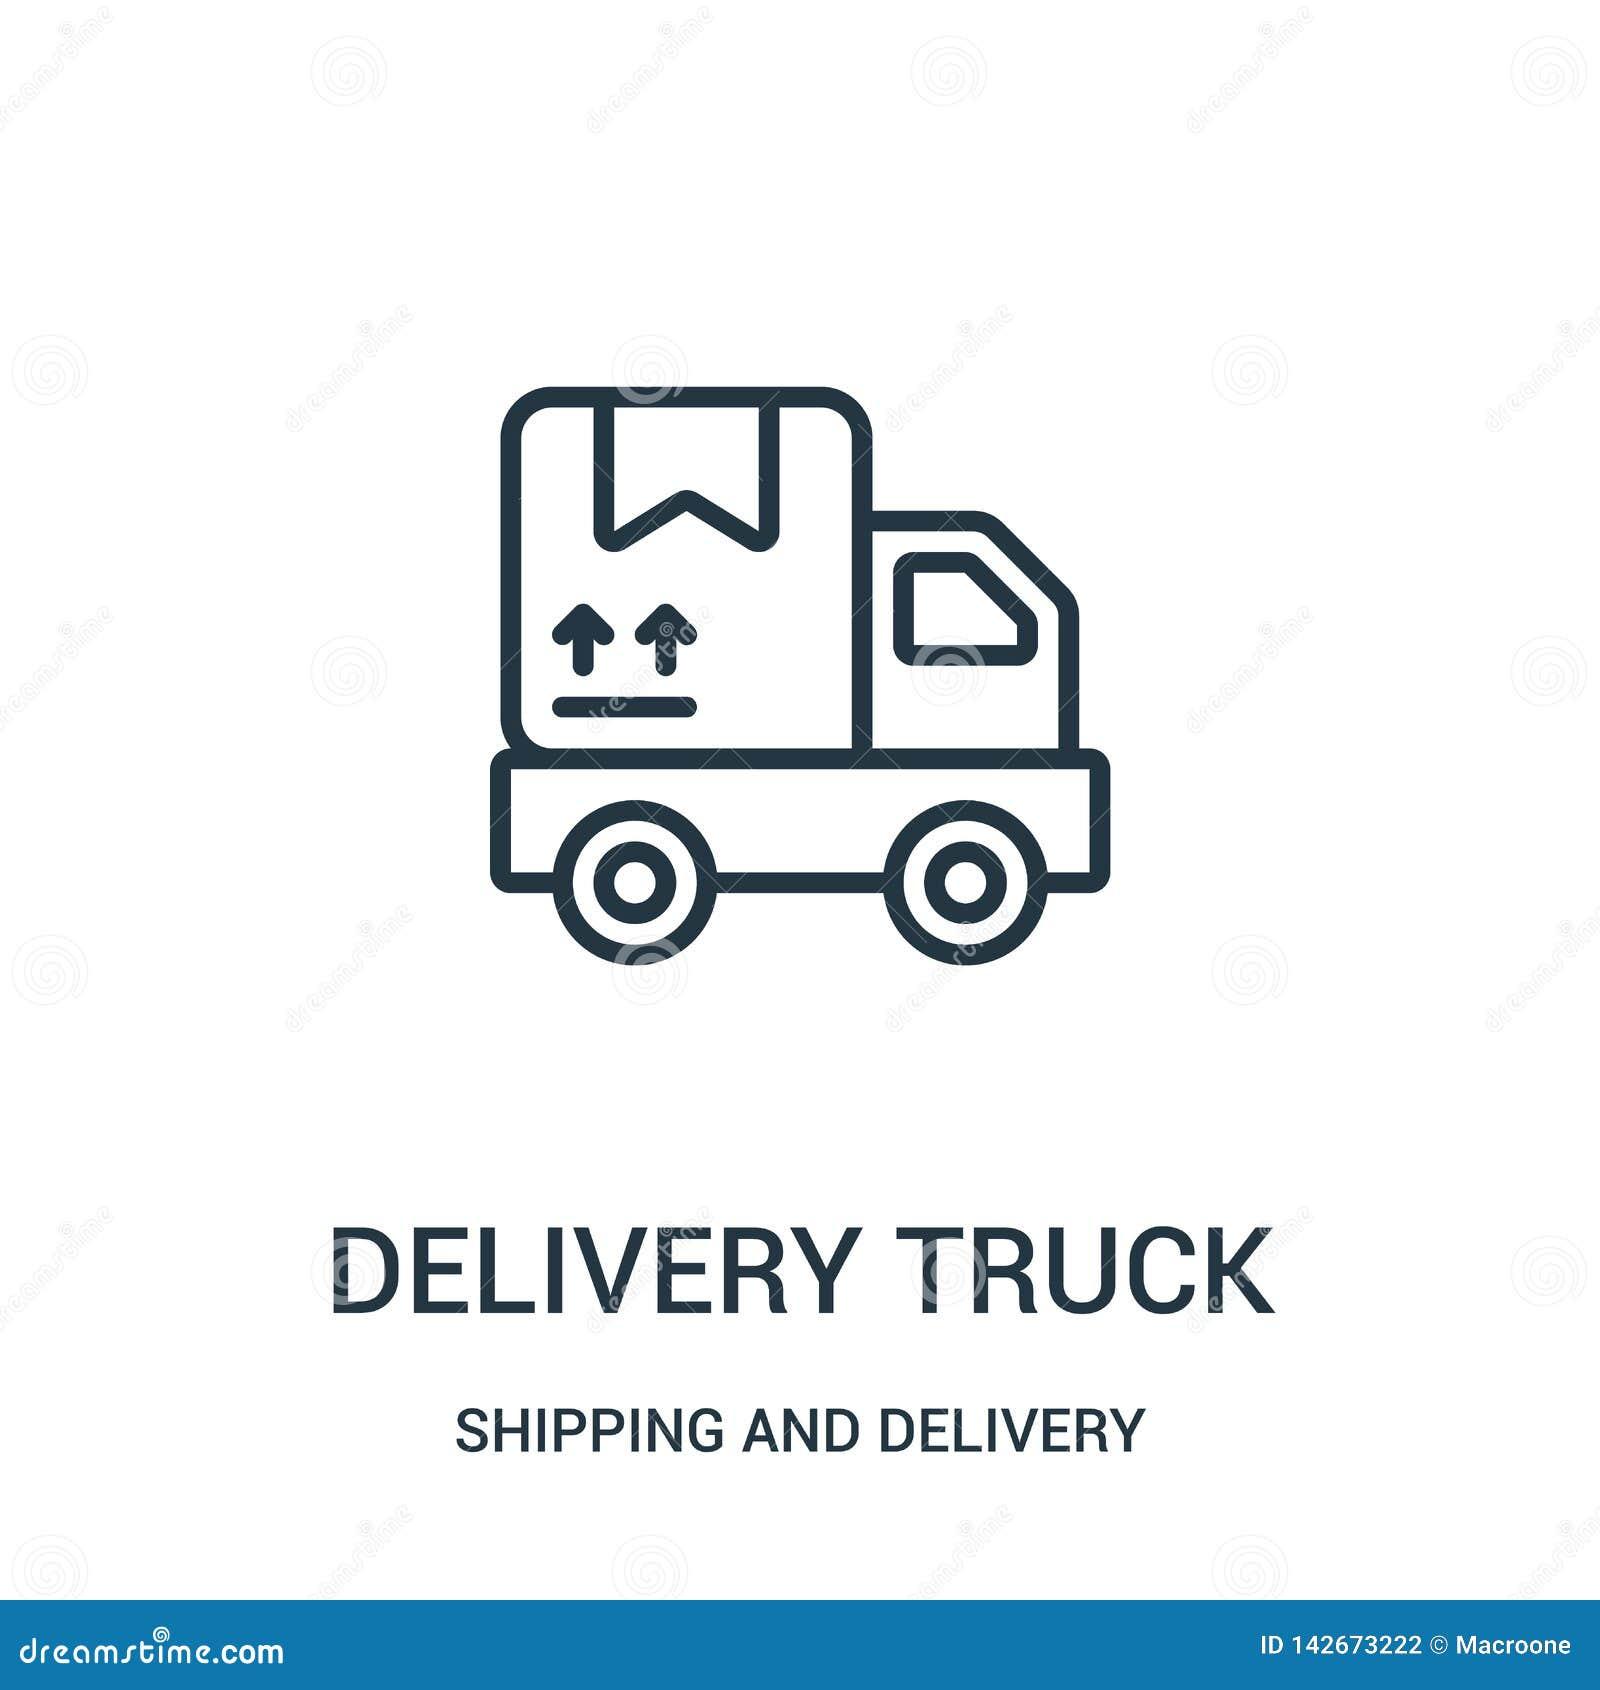 Vetor do ícone do caminhão de entrega da coleção do transporte e da entrega Linha fina ilustração do vetor do ícone do esboço do